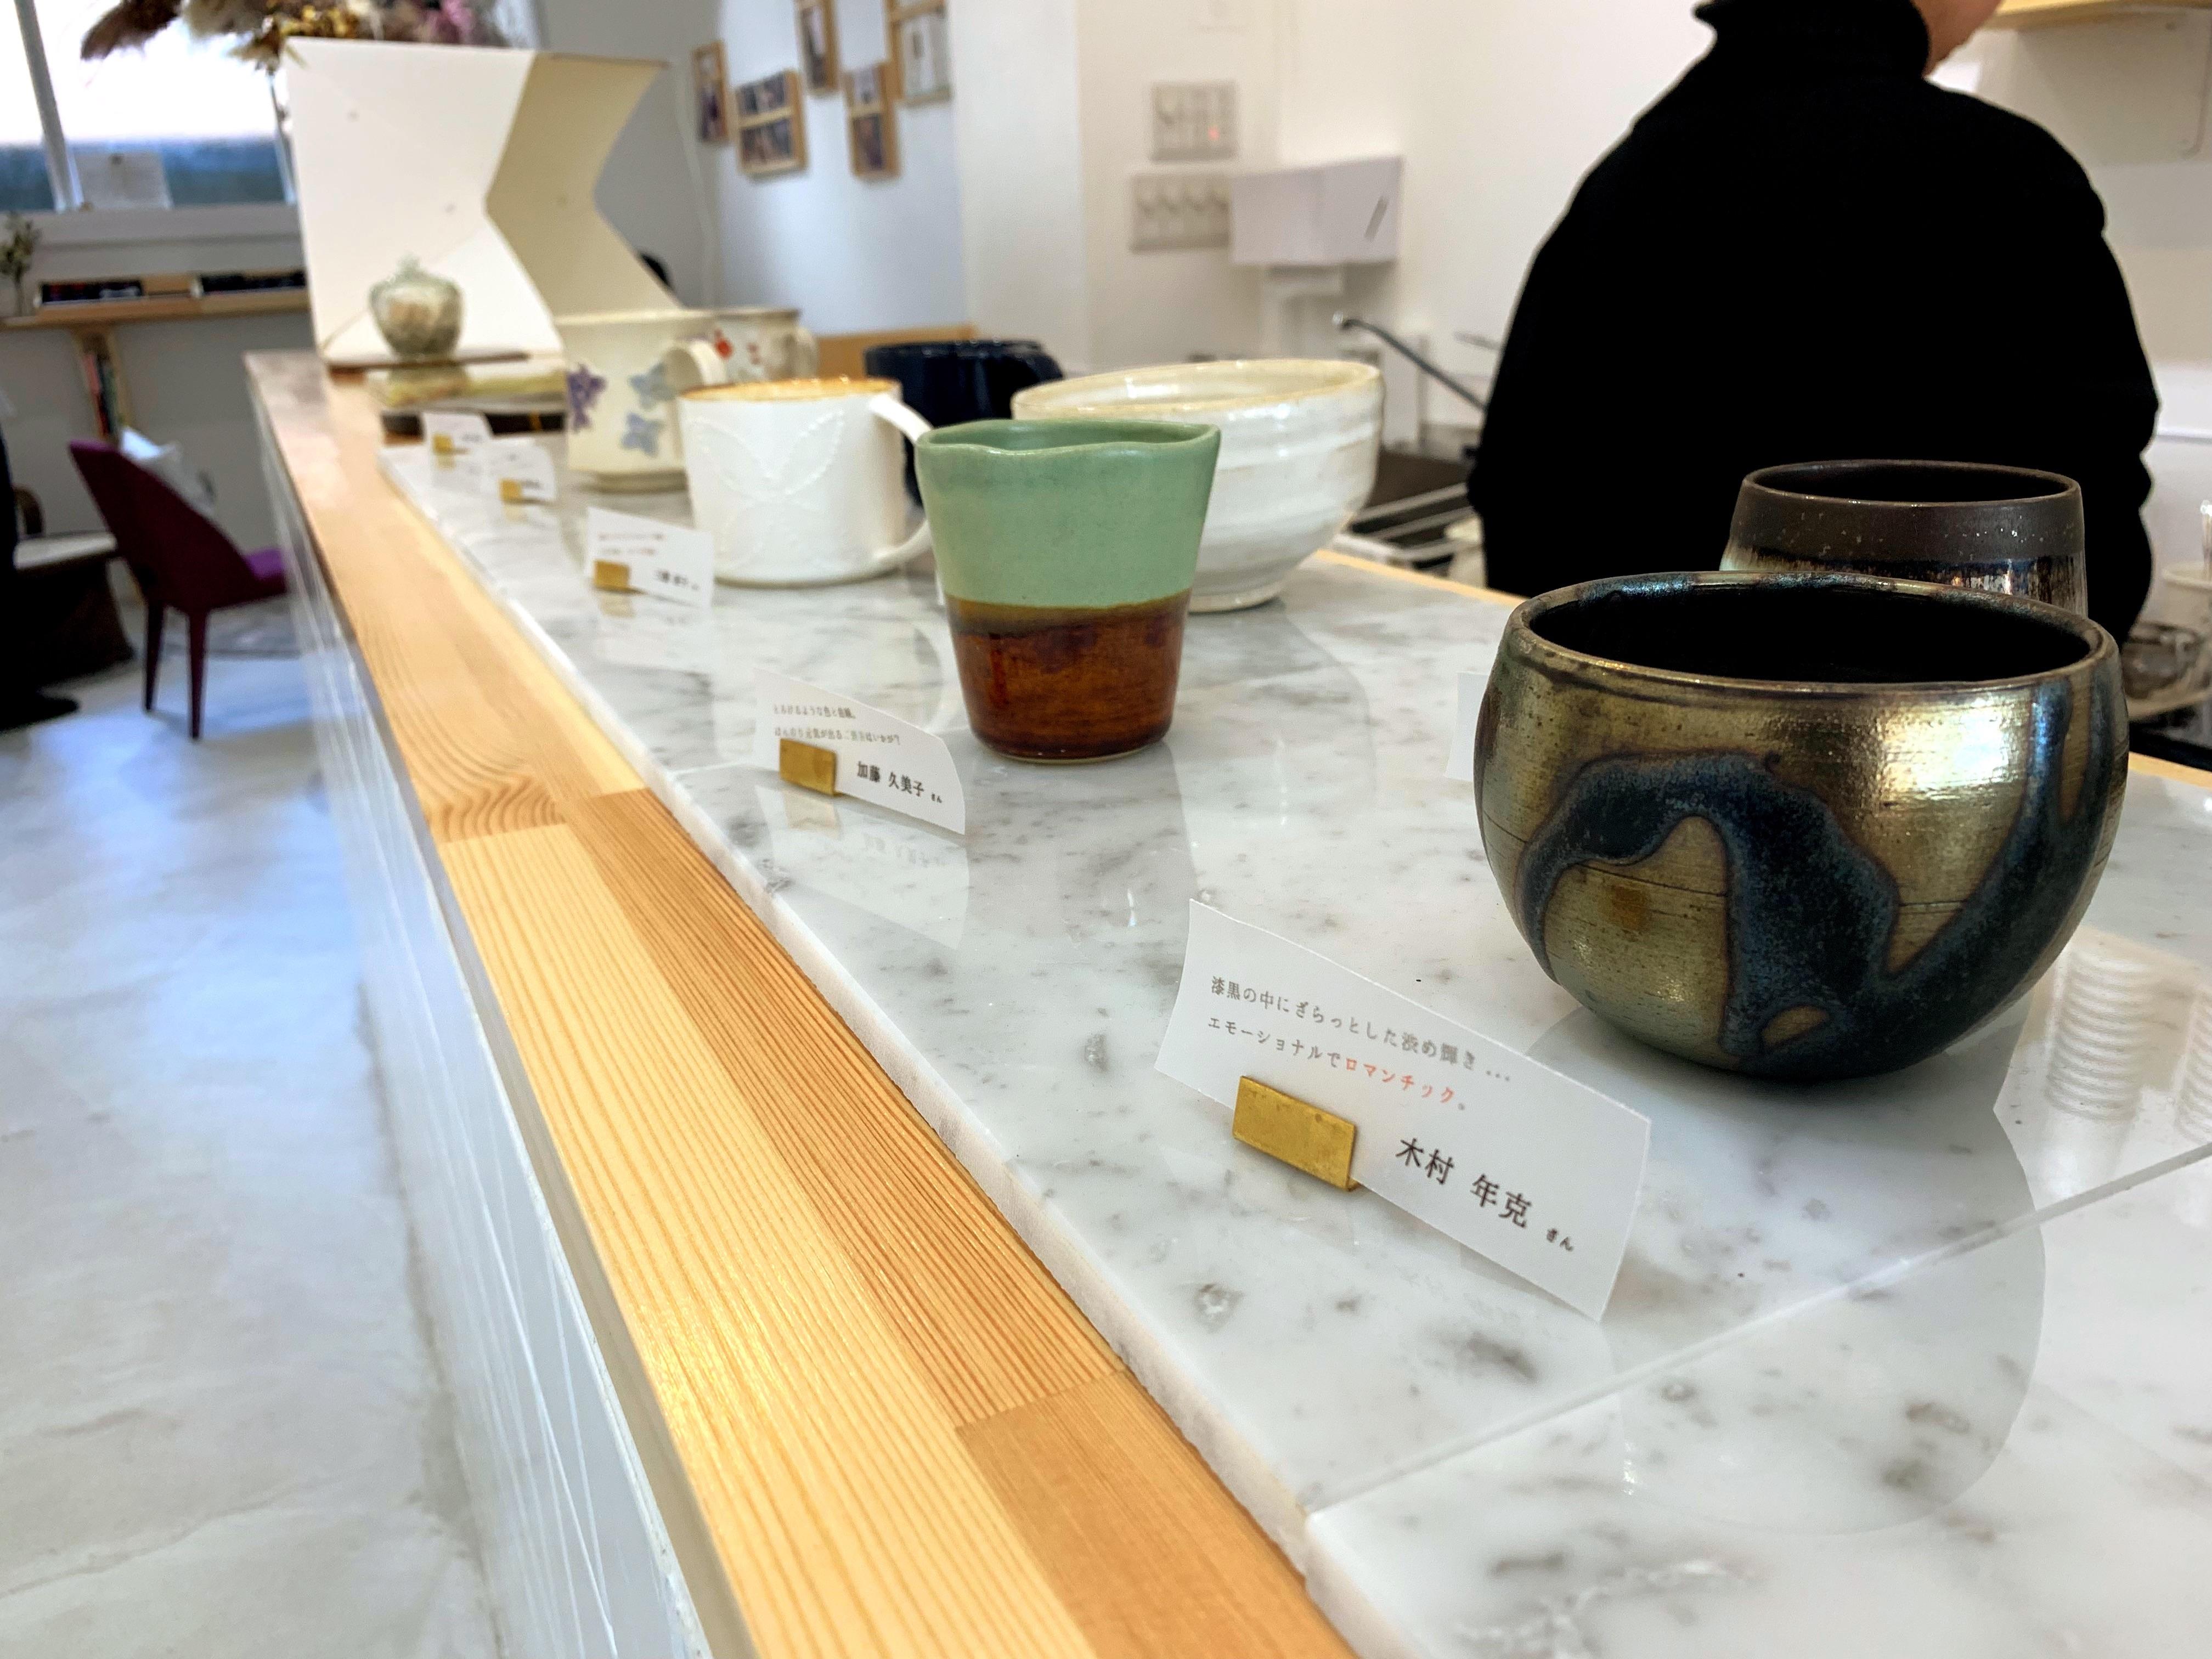 千本通にあるおしゃれなカフェSenbon Lab.のティーカップ